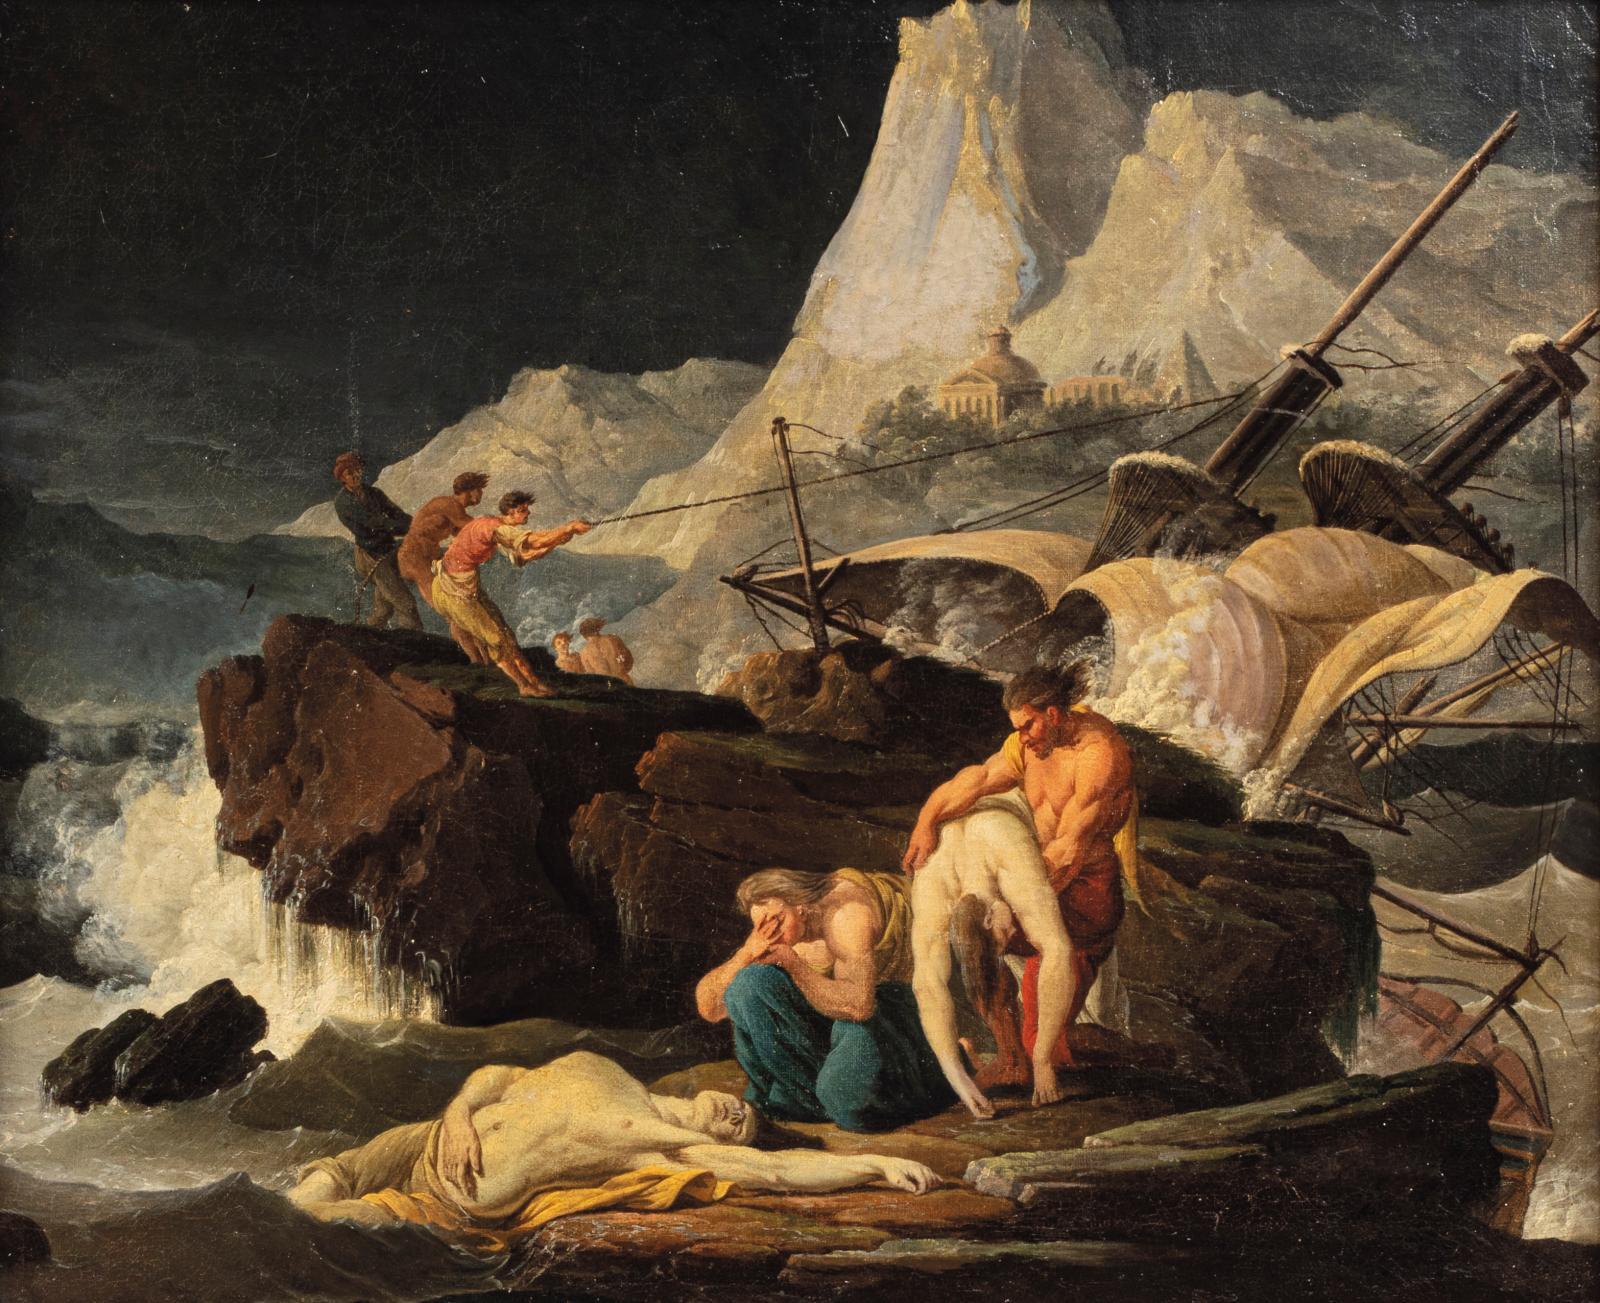 Henri d'Arles (1734-1784), Scène de naufrage, huile sur toile, 50,5x62cm (détail). Paris, salle V.V., 1er juillet 2020. Millon OVV. M.